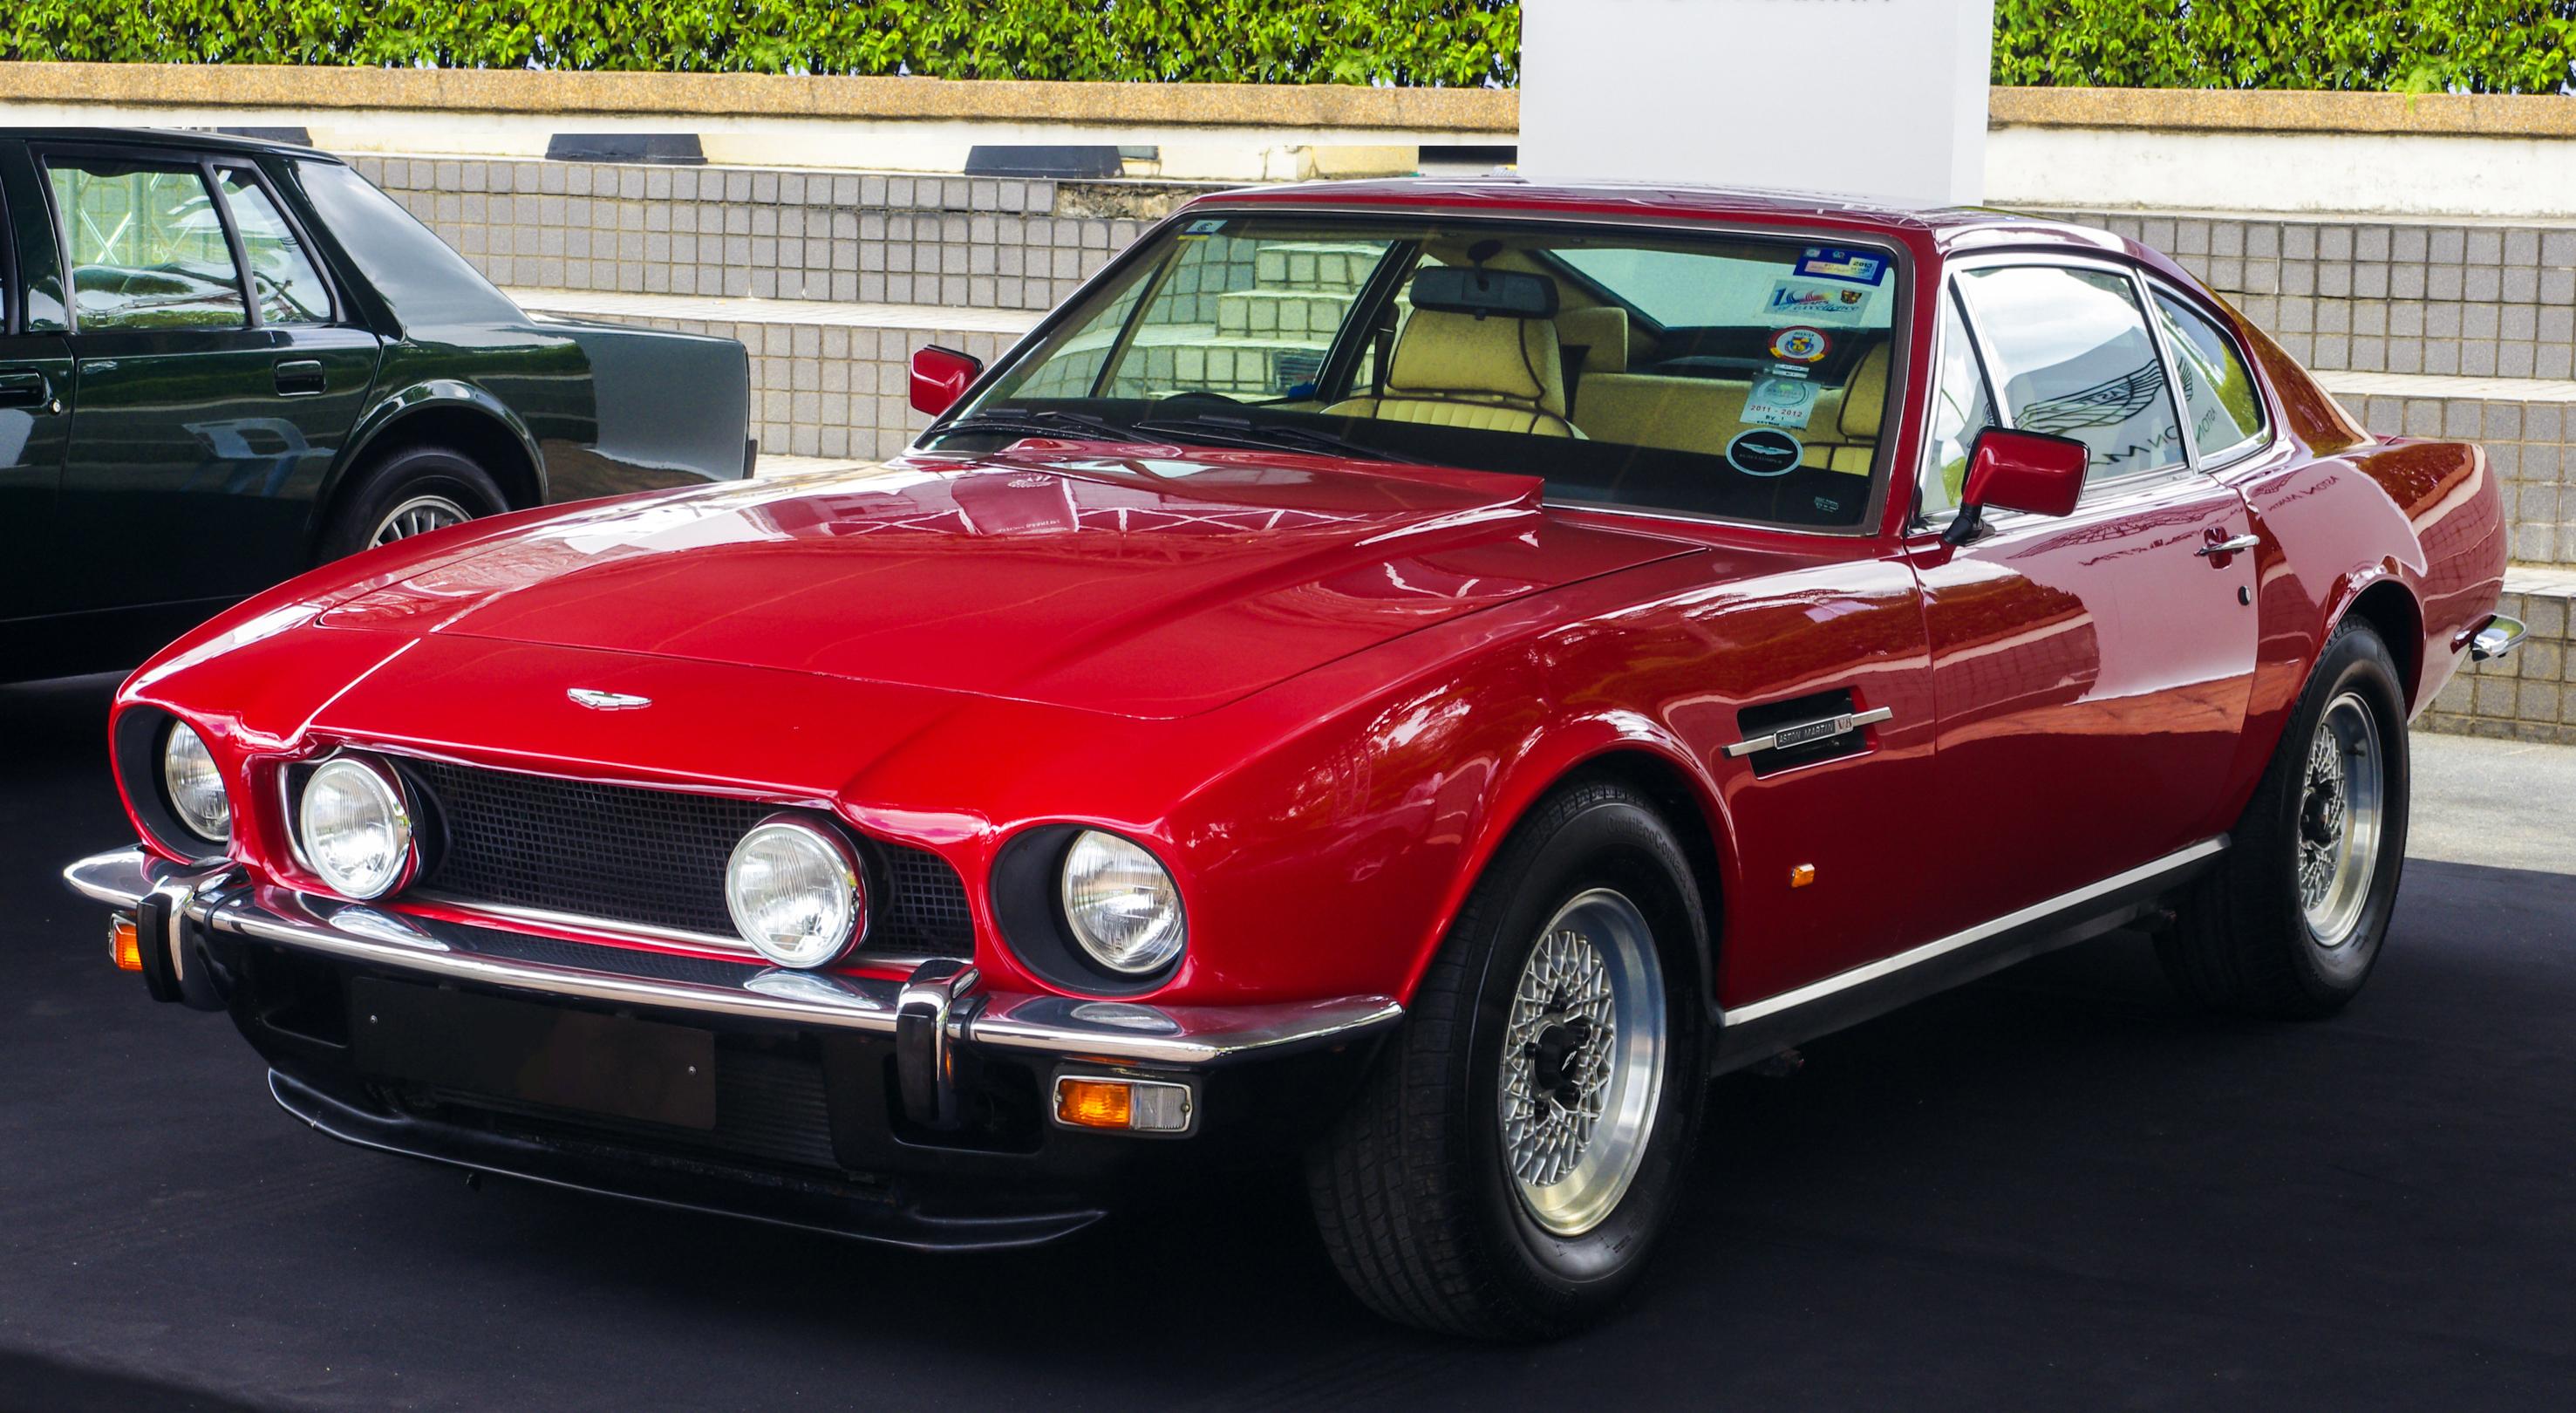 File Aston Martin V8 Series 5 Saloon Red Front Left Selangor Jpg Wikimedia Commons